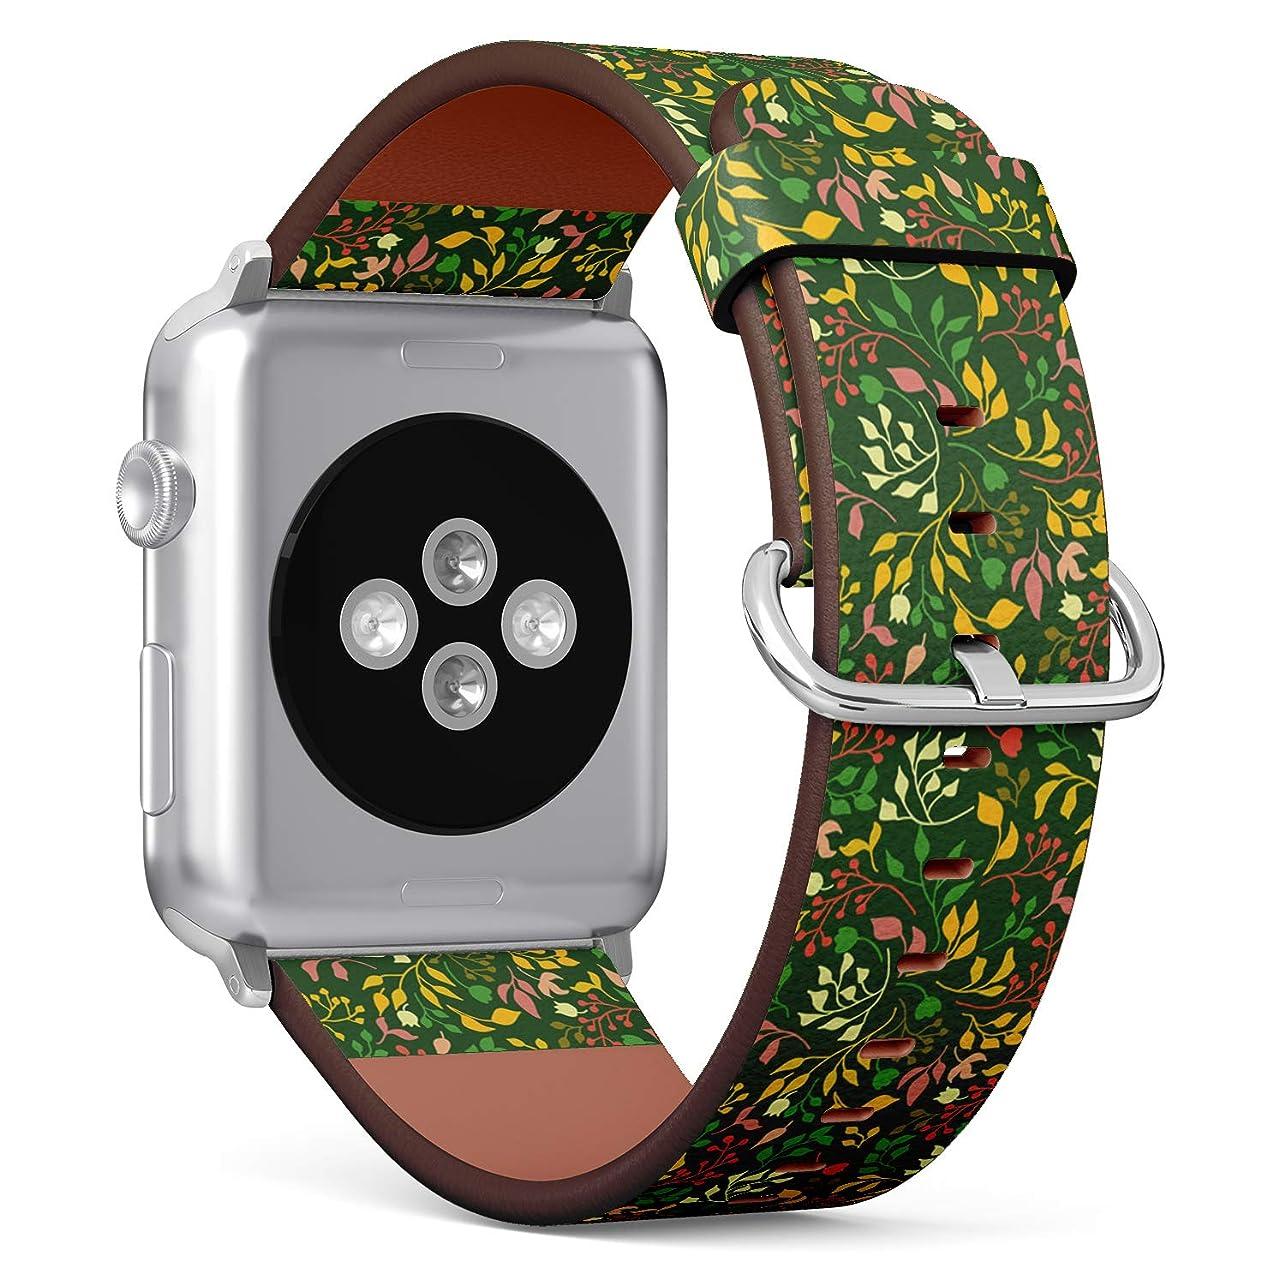 オペラ友情臨検コンパチブル Apple Watch iWatch 42mm & 44mm - 本革レザーストラップ, 向けのバンド交換ストラップです コンパチブル アップルウォッチ バンド (春の花)